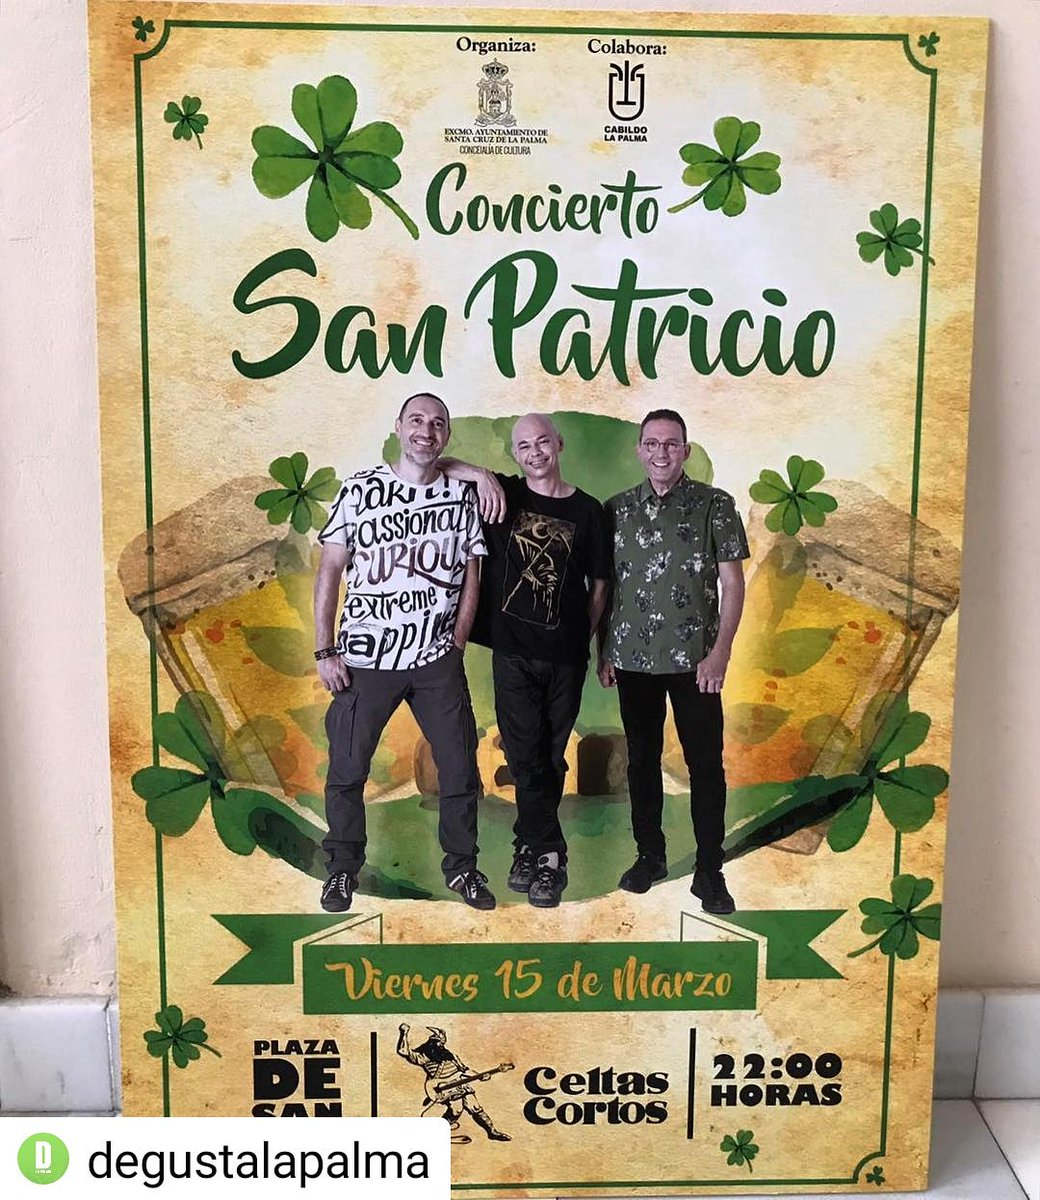 #Repost @degustalapalma •  •  •  •  • La Plaza de San Francisco acogerá el concierto de @celtascortos en Santa Cruz de La Palma por las #FiestasdeSanPatricio2019 en #SantaCruzdeLaPalma #LaPalma #degustalapalma #culturalapalma #conciertoscanarias #celtascortos #canaryislands